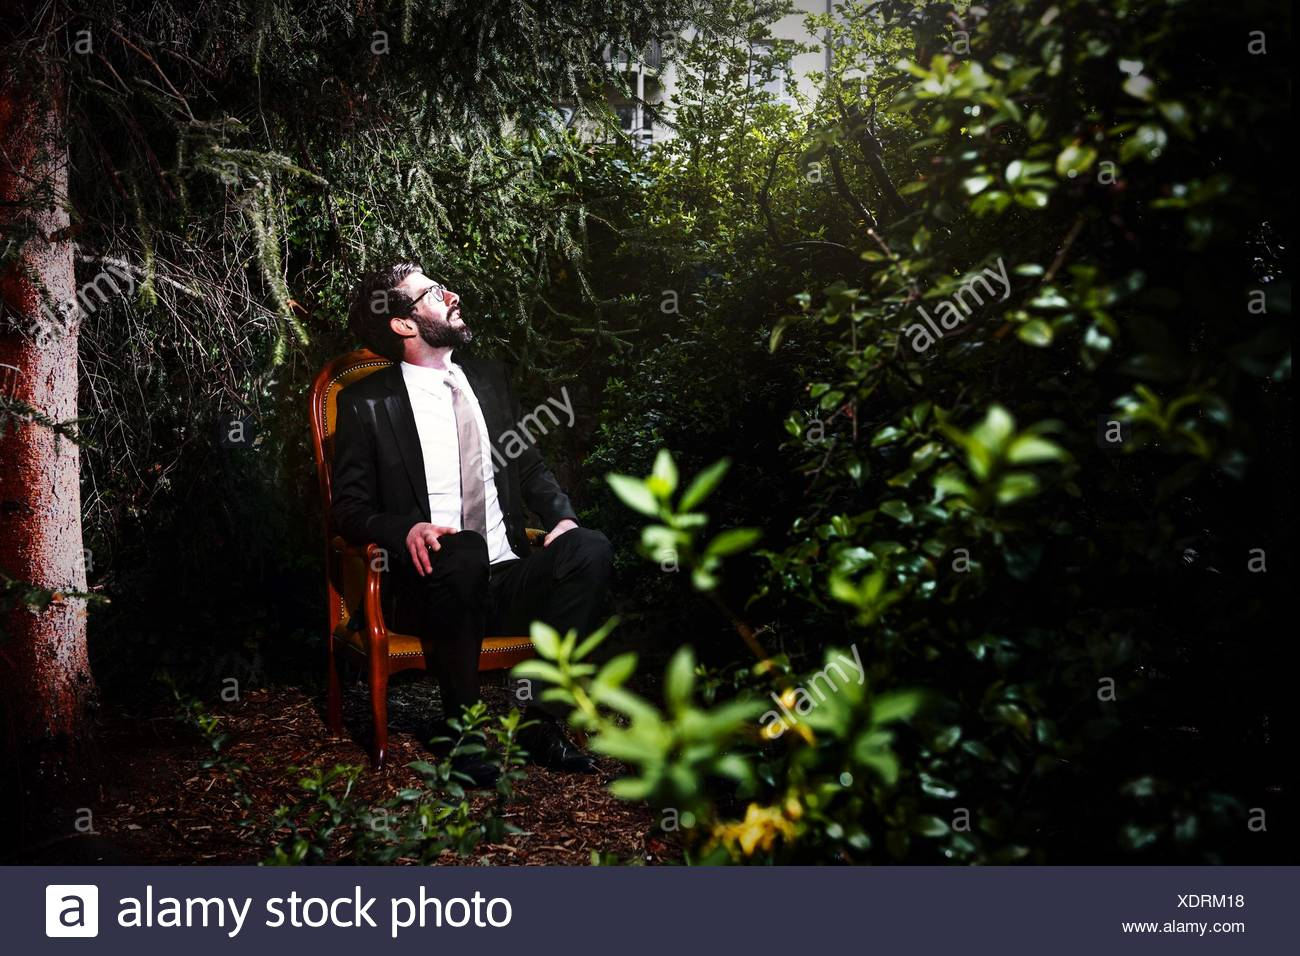 Hombre vestido con traje sentado en una silla en el patio mirando hacia arriba Imagen De Stock